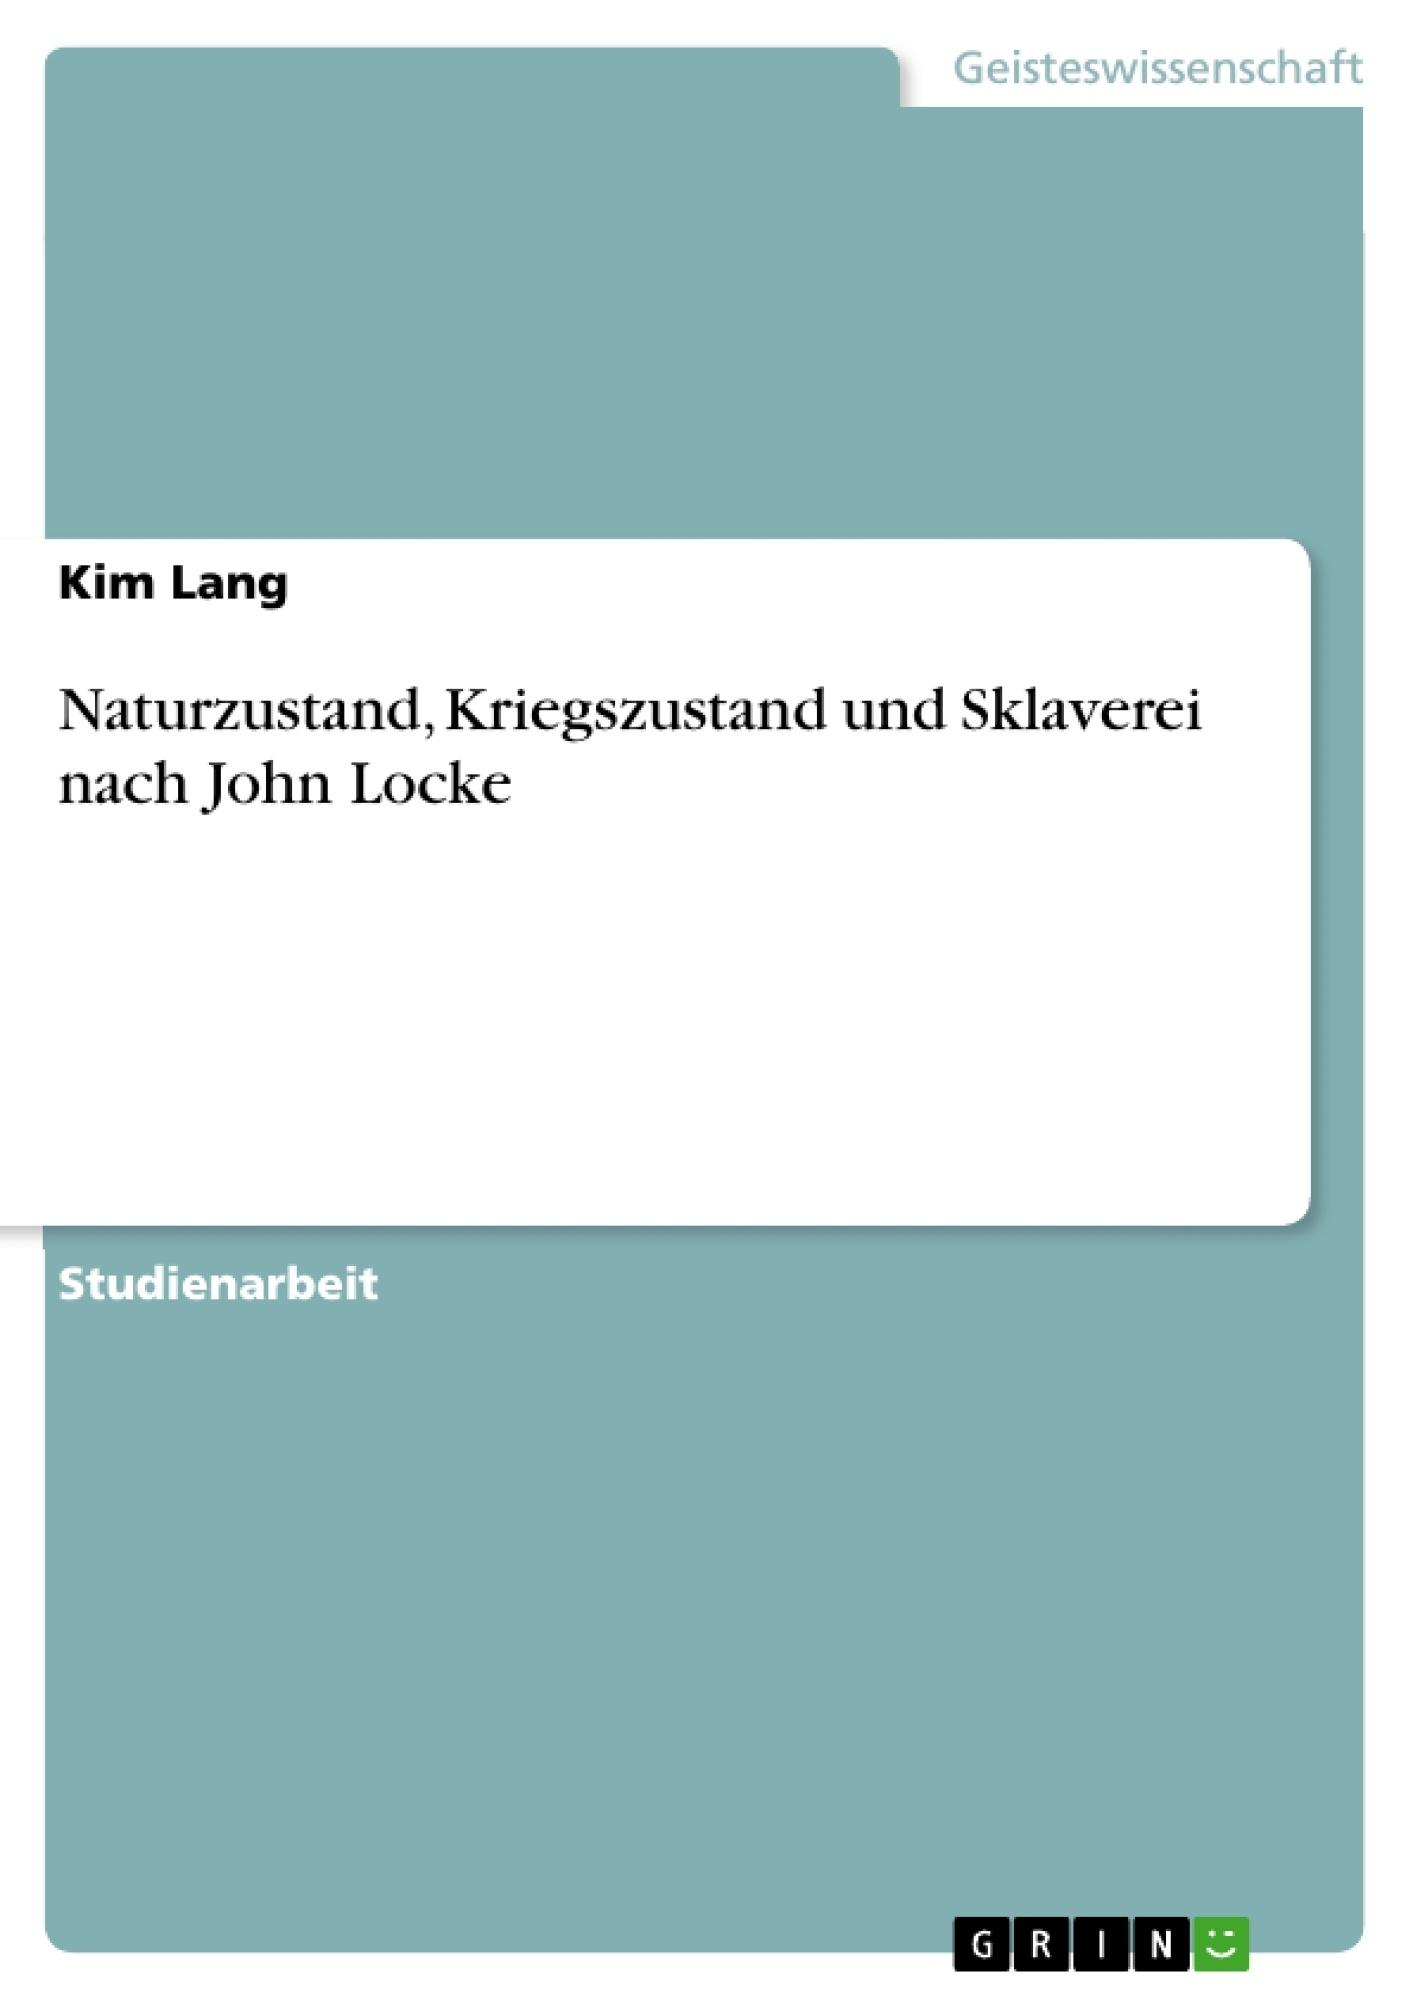 Titel: Naturzustand, Kriegszustand und Sklaverei nach John Locke